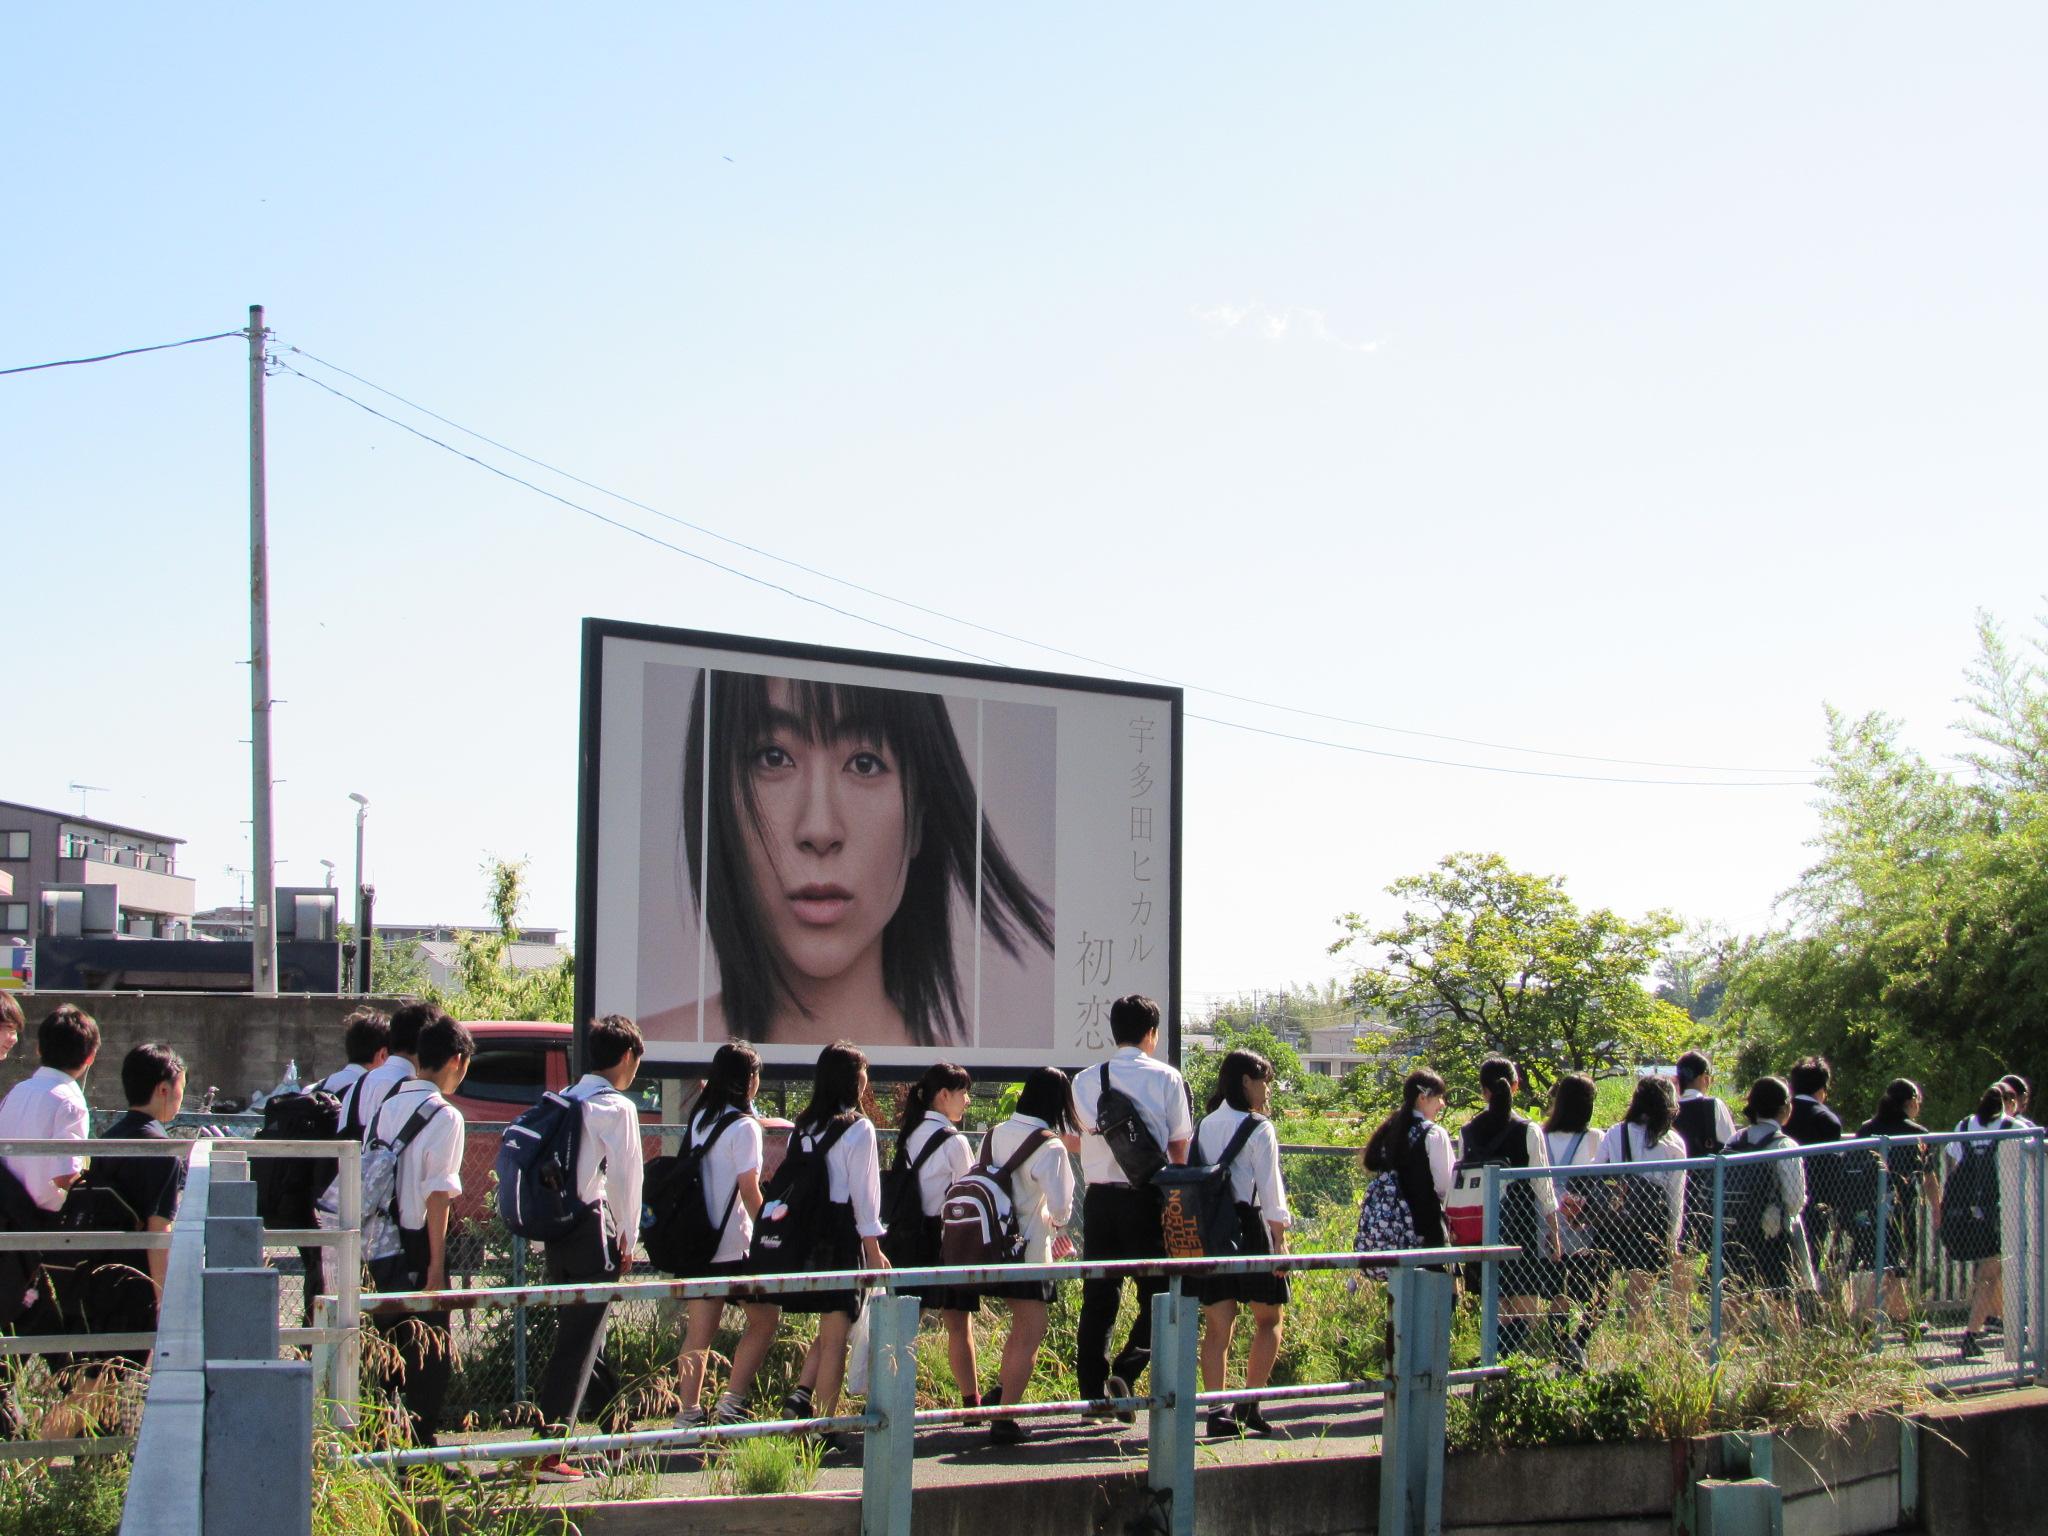 青春ボード掲出例:エーピックレコード・宇多田ヒカル様